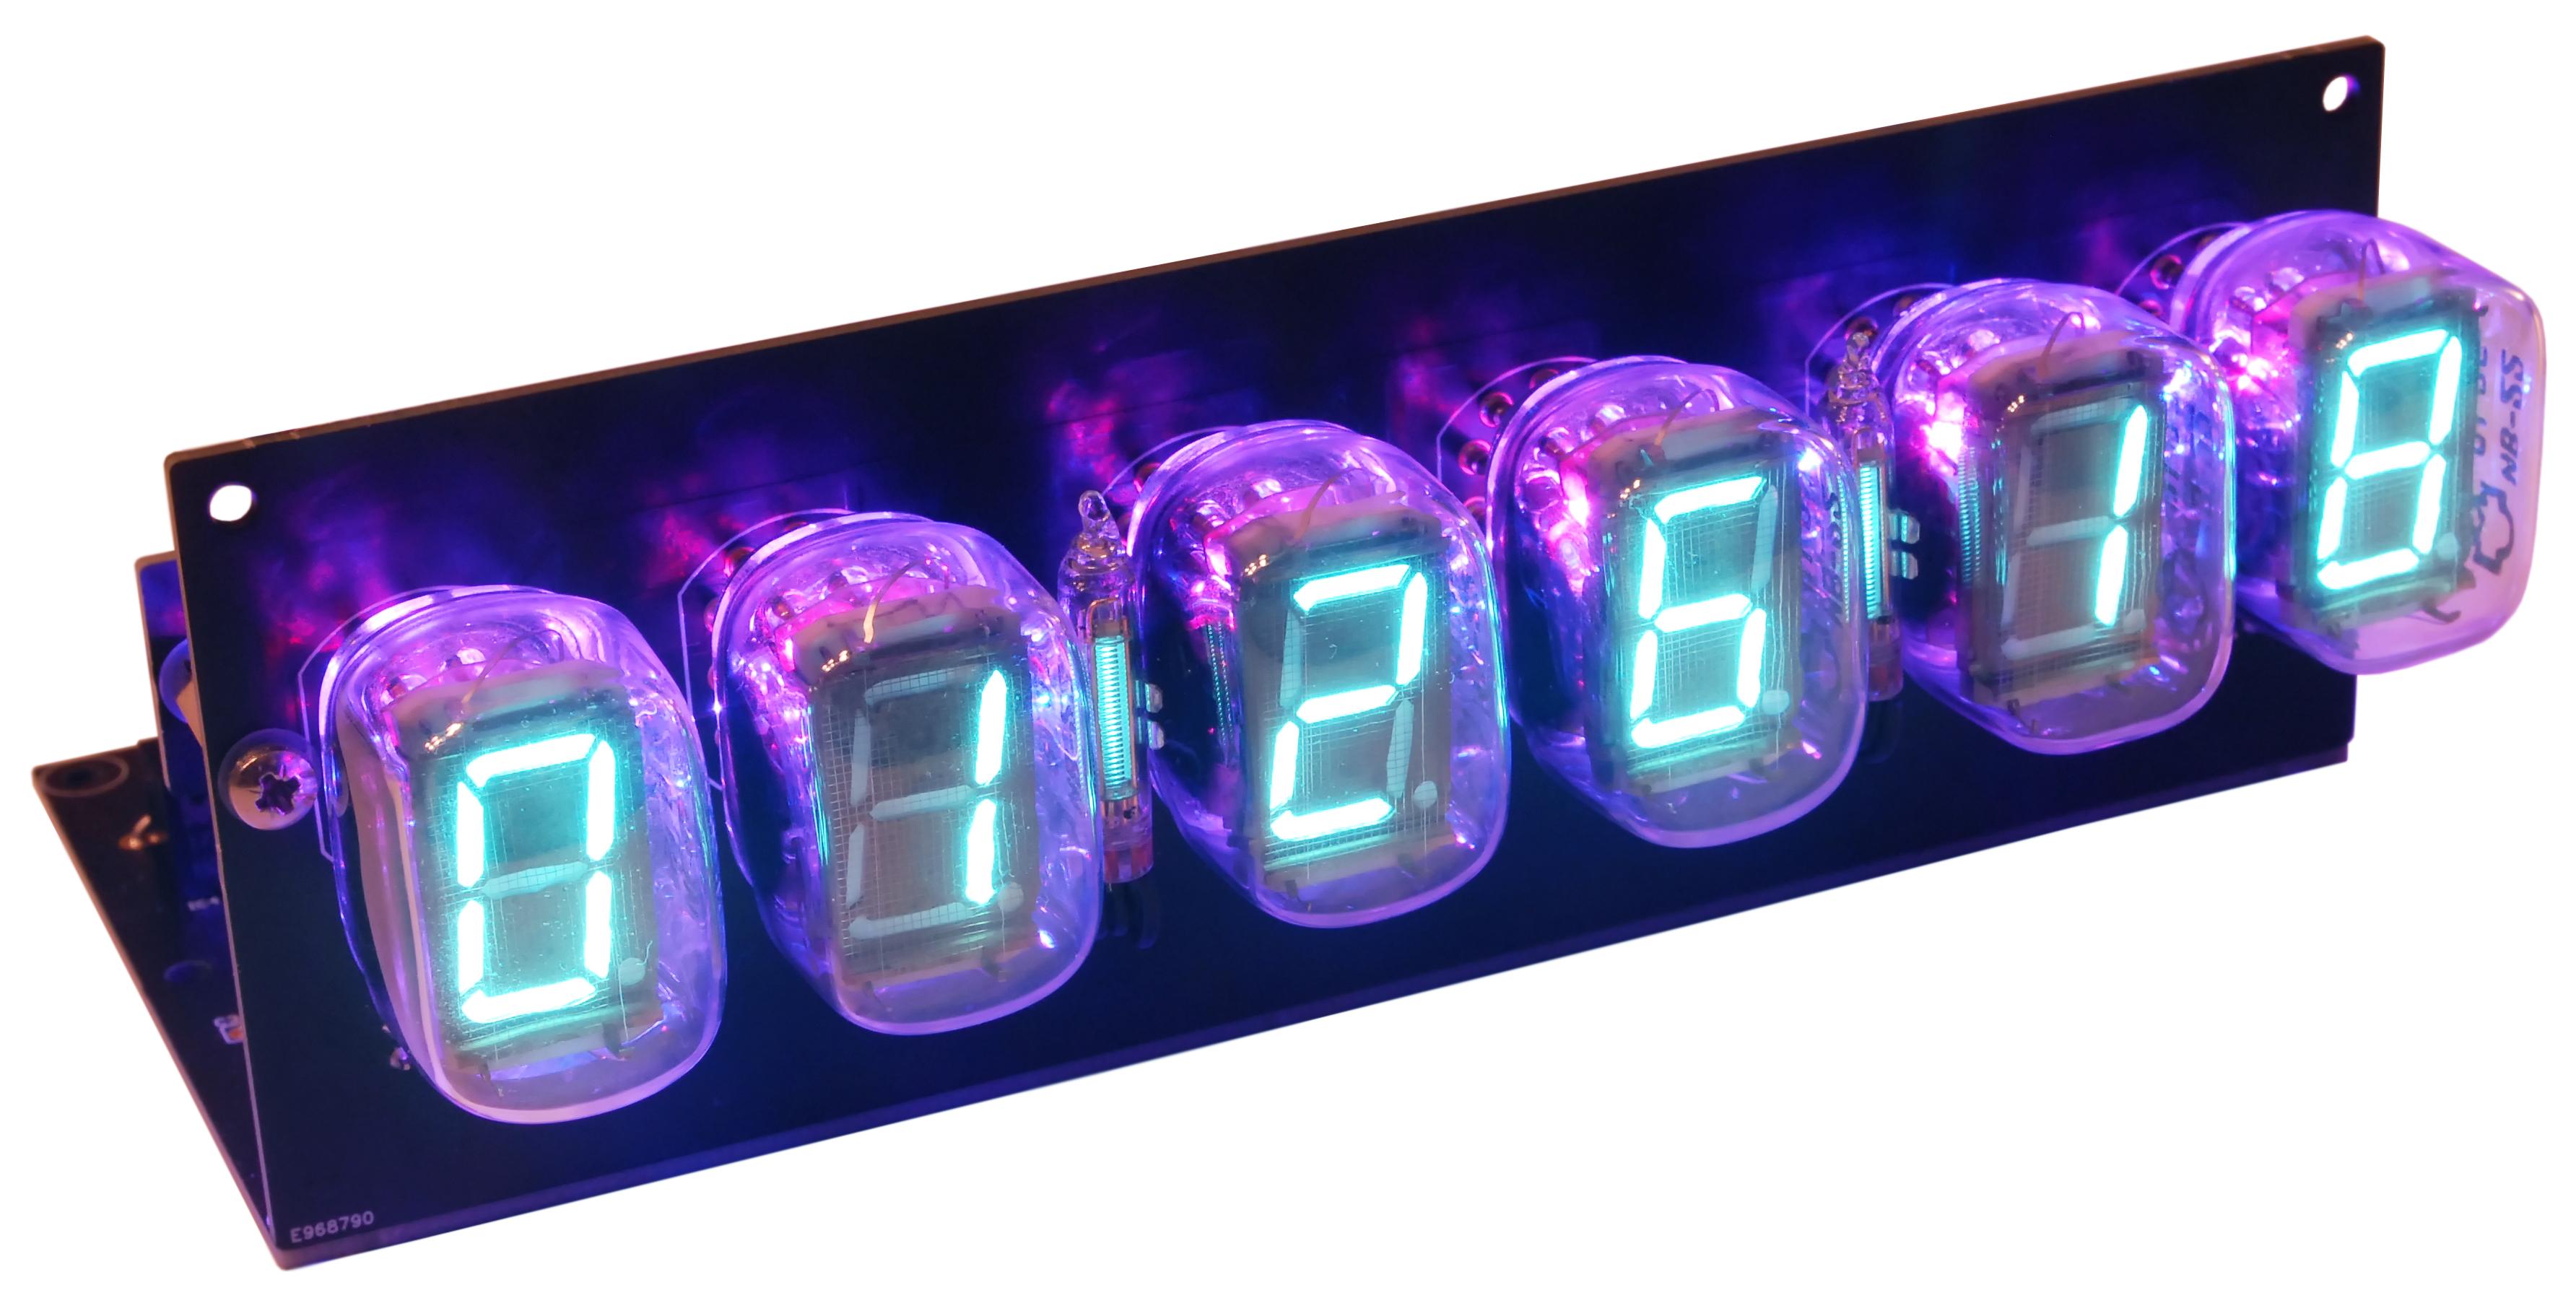 VFD-Röhren-Uhr mit ESP32 DevKit-C (170573-71)